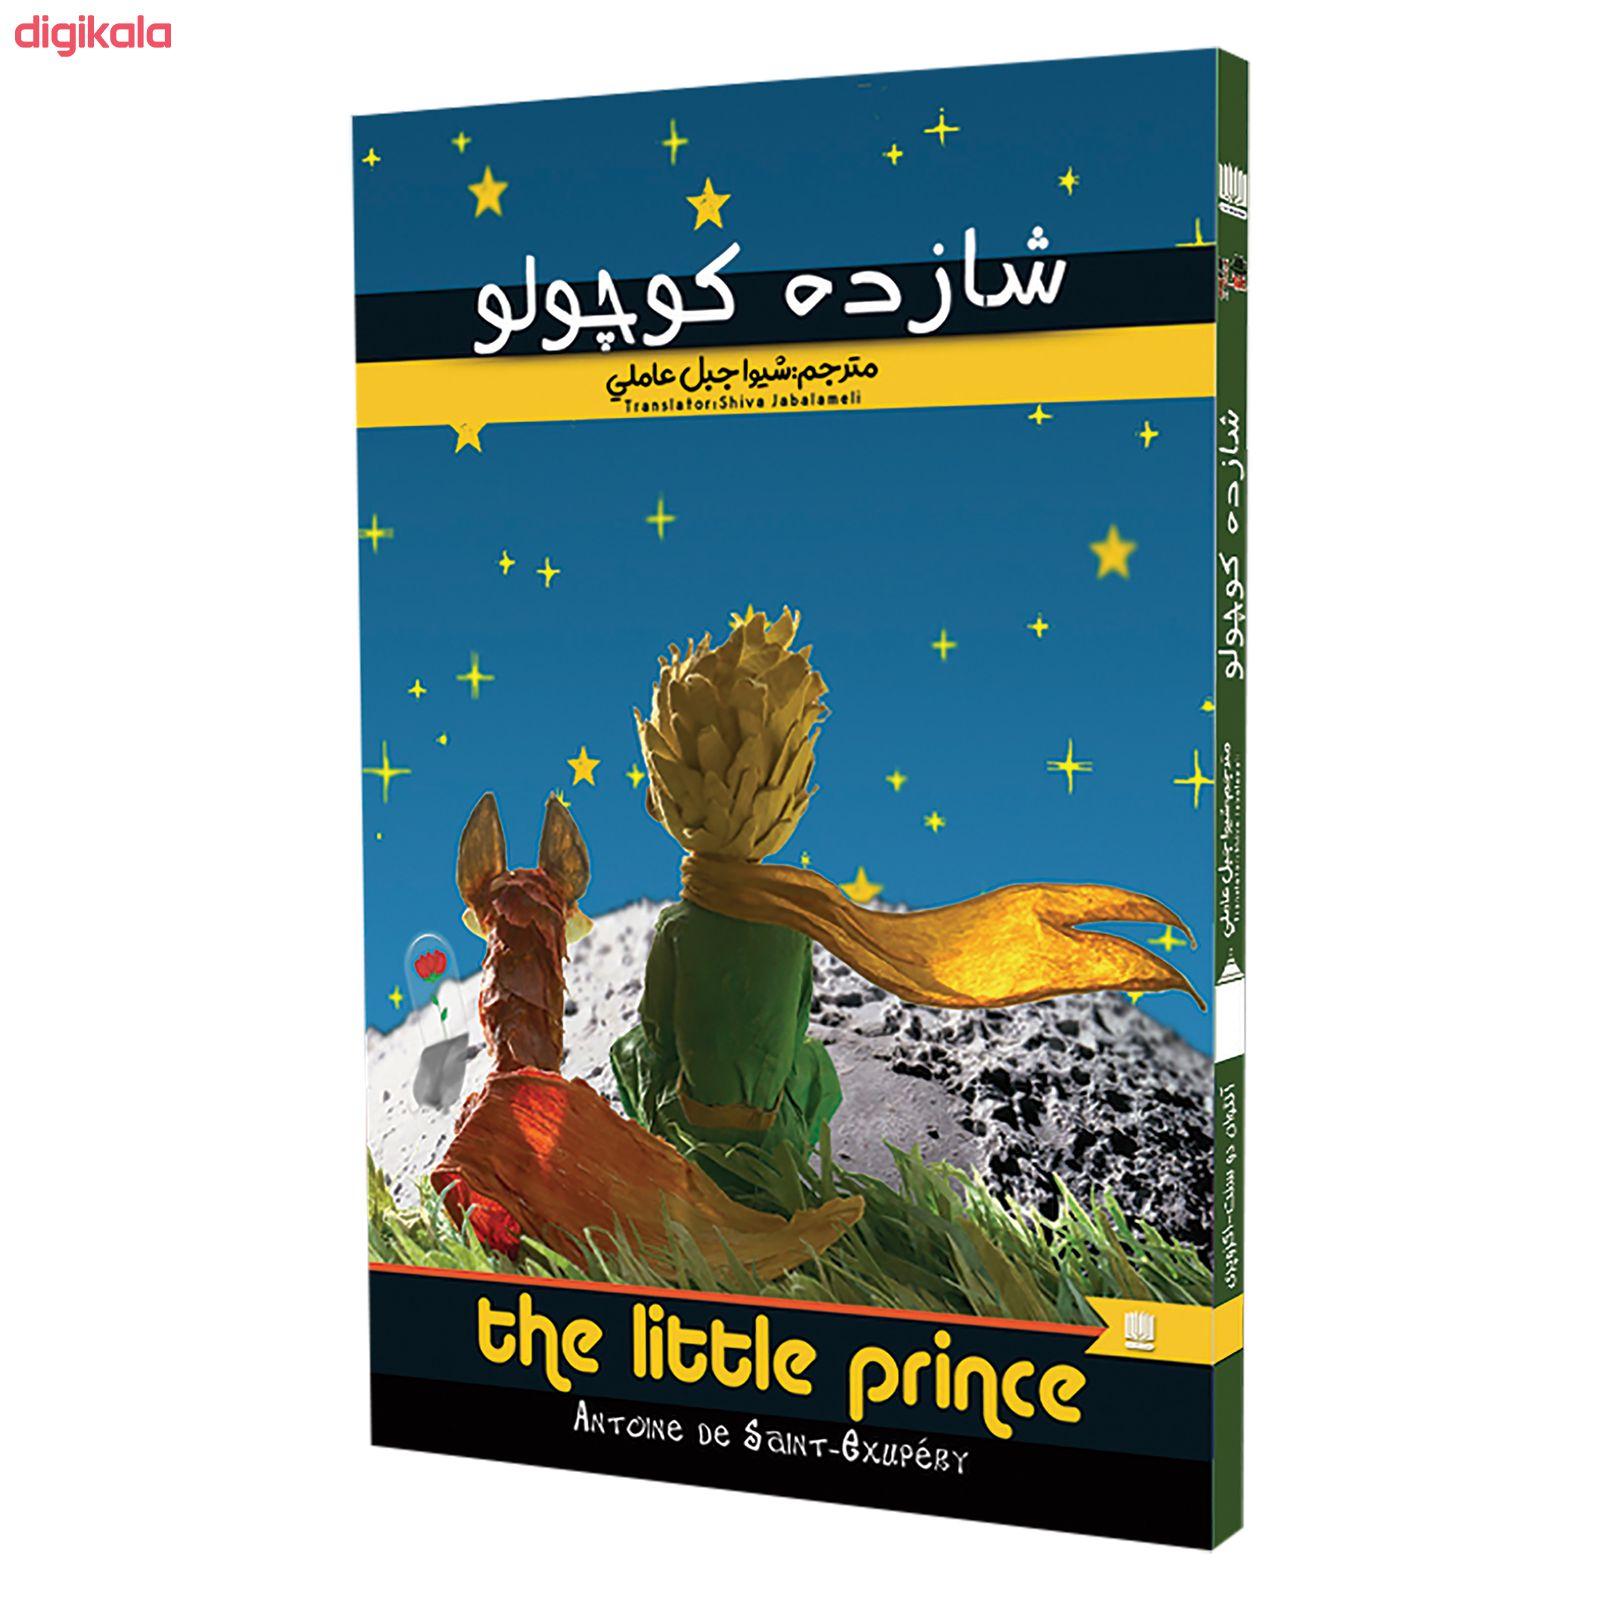 کتاب شازده کوچولو اثر آنتوان دوسنت اگزوپری انتشارات نگین ایران main 1 2